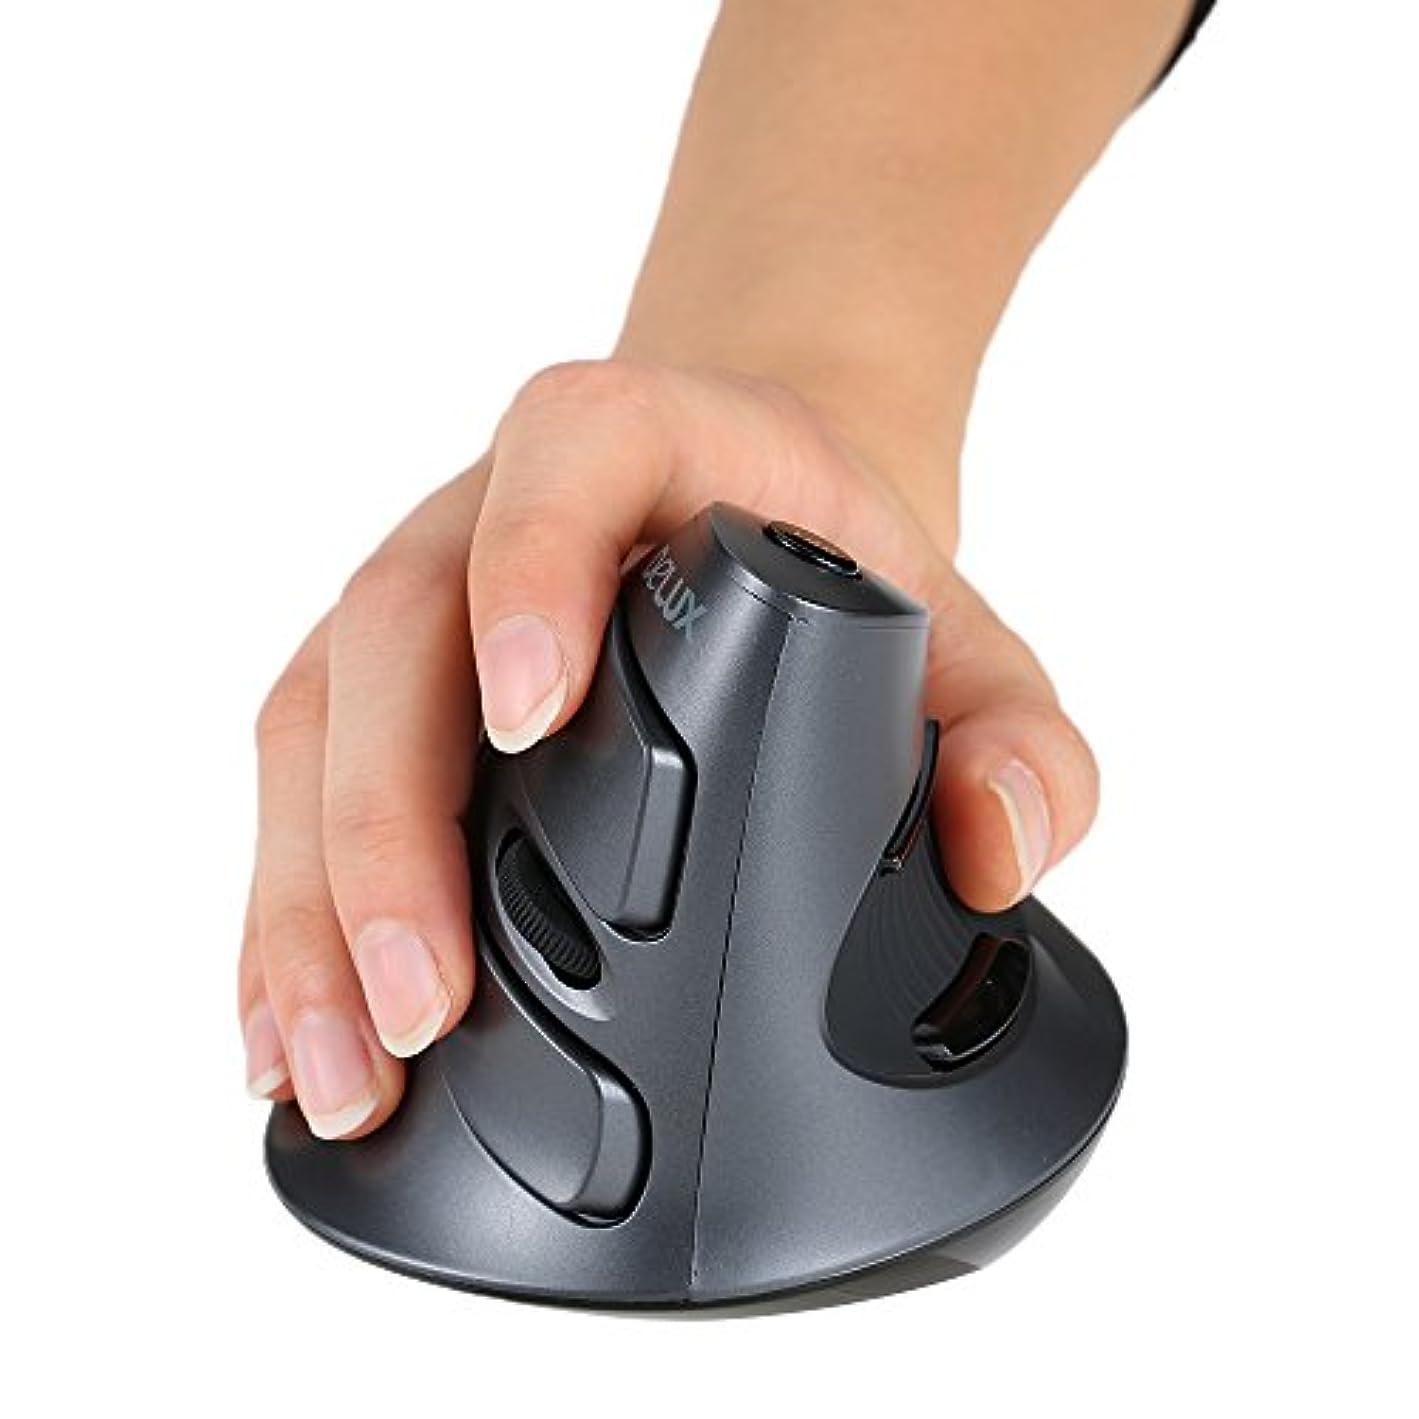 モザイク愛人追記KKmoon ワイヤレスマウス 垂直光学式マウス 2.4Gマウス マウス 1600 CPI/DPI調整可能 5Dボタン 取り外し可能なパームレスト付き